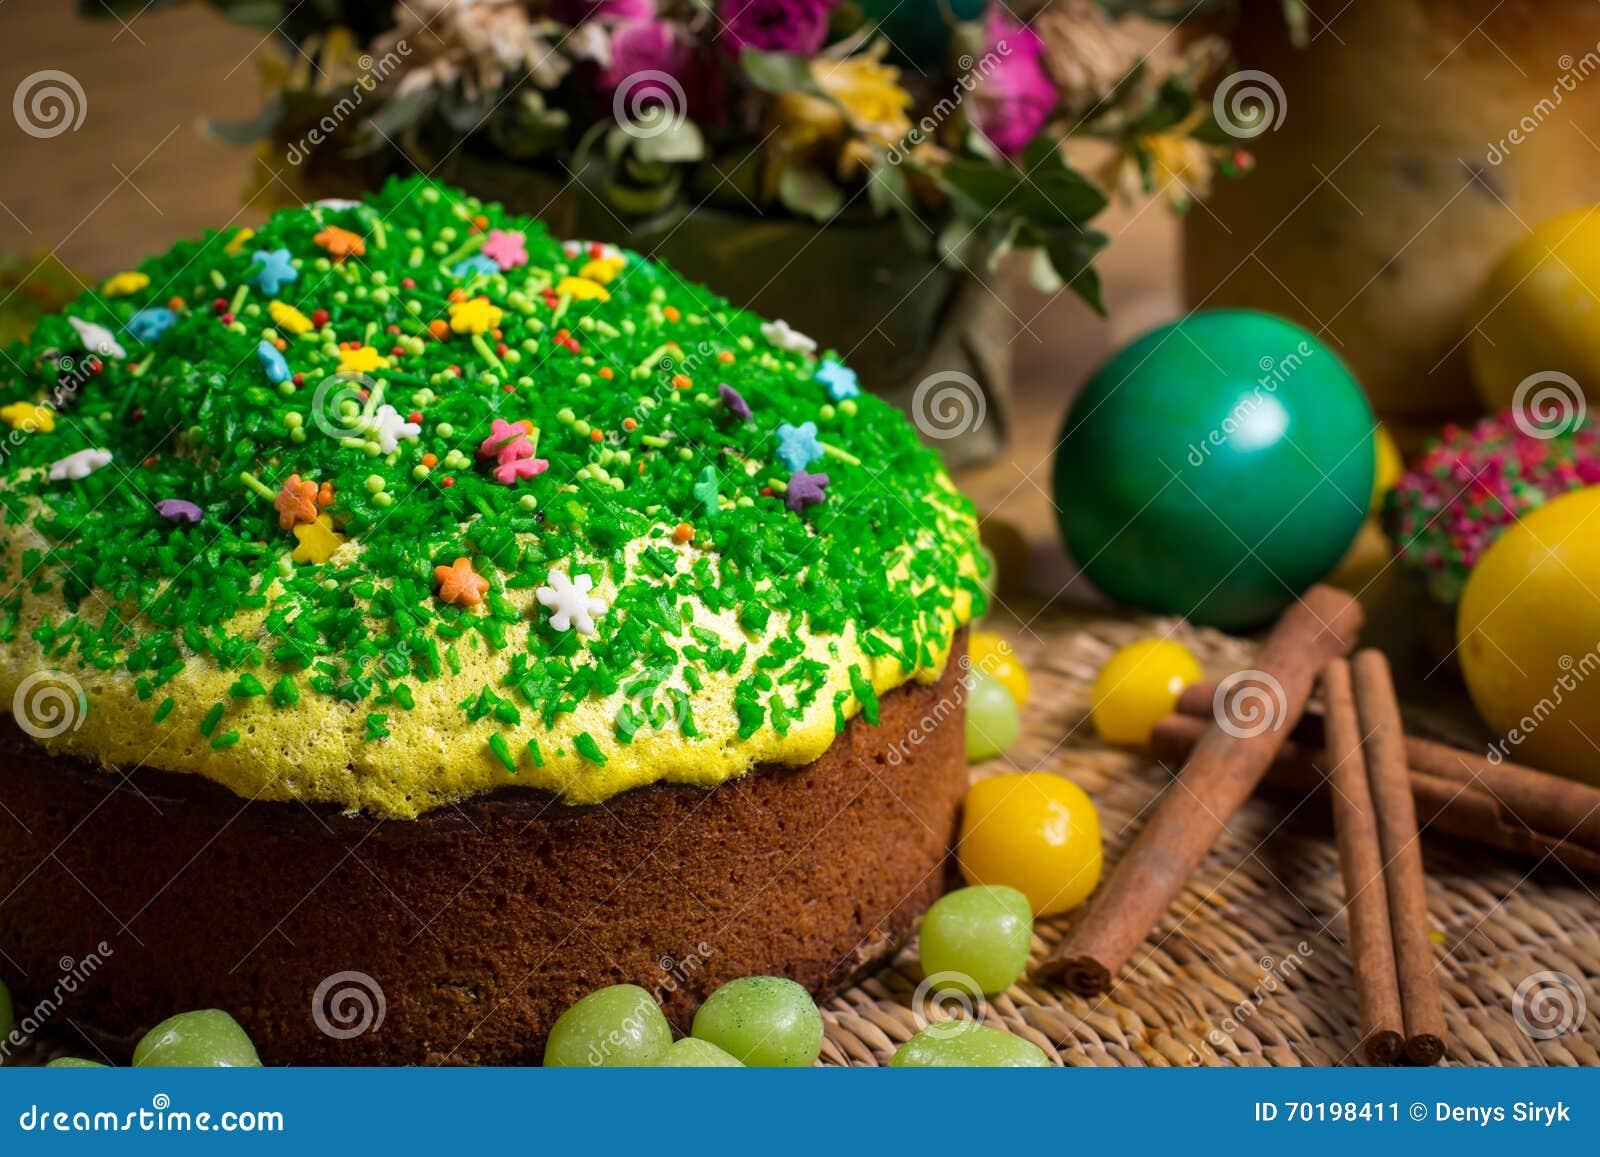 Påsken som firar kakan, färgägg, sugrörbakgrunder, mat semestrar fotografi